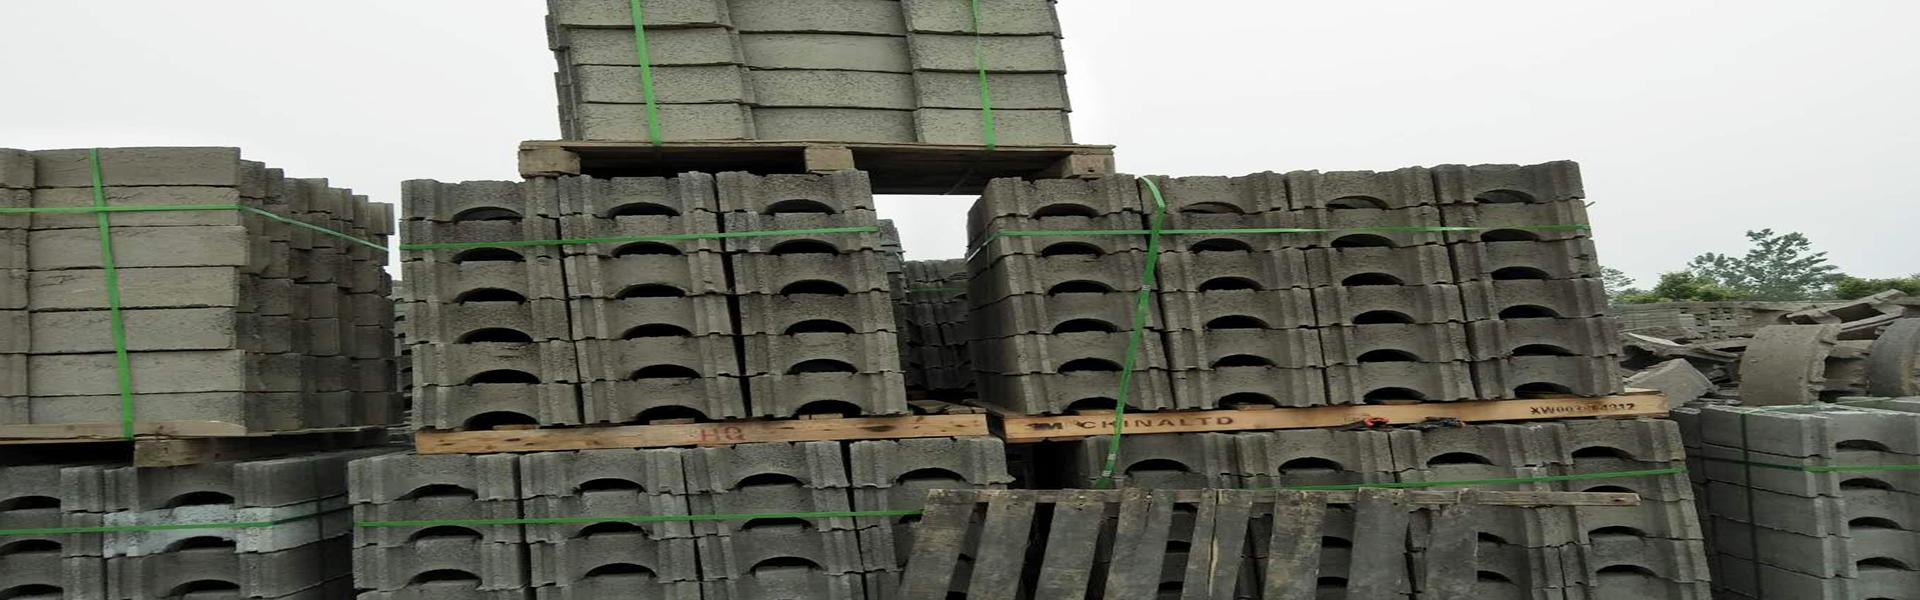 郑州加工水泥厂